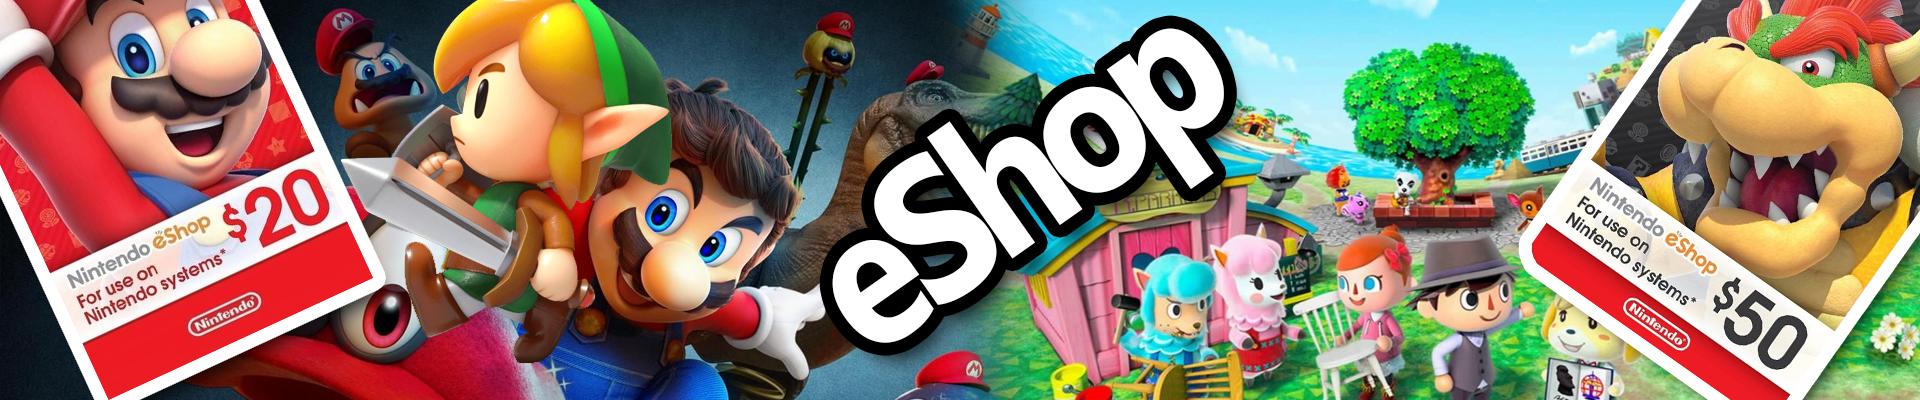 Nintendo eshop codes Us